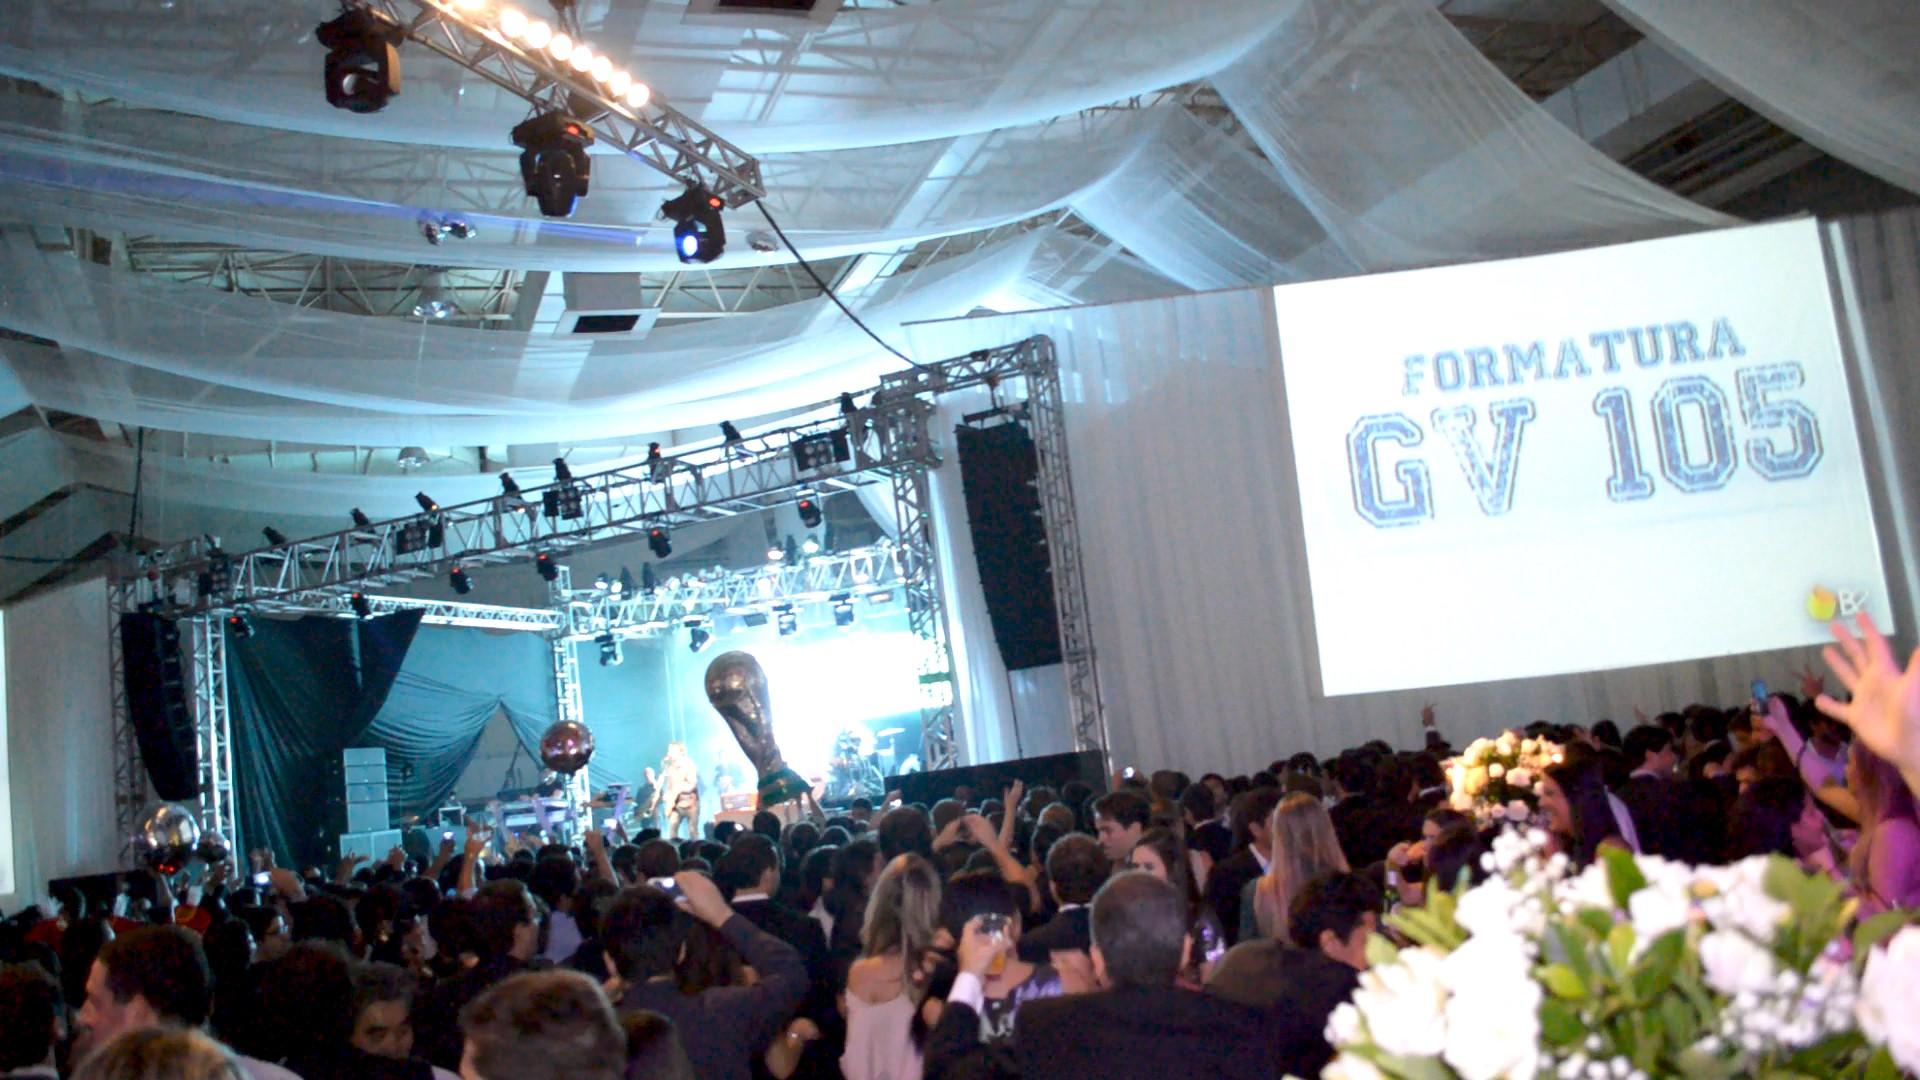 Formatura GV Turma 105 - 2013